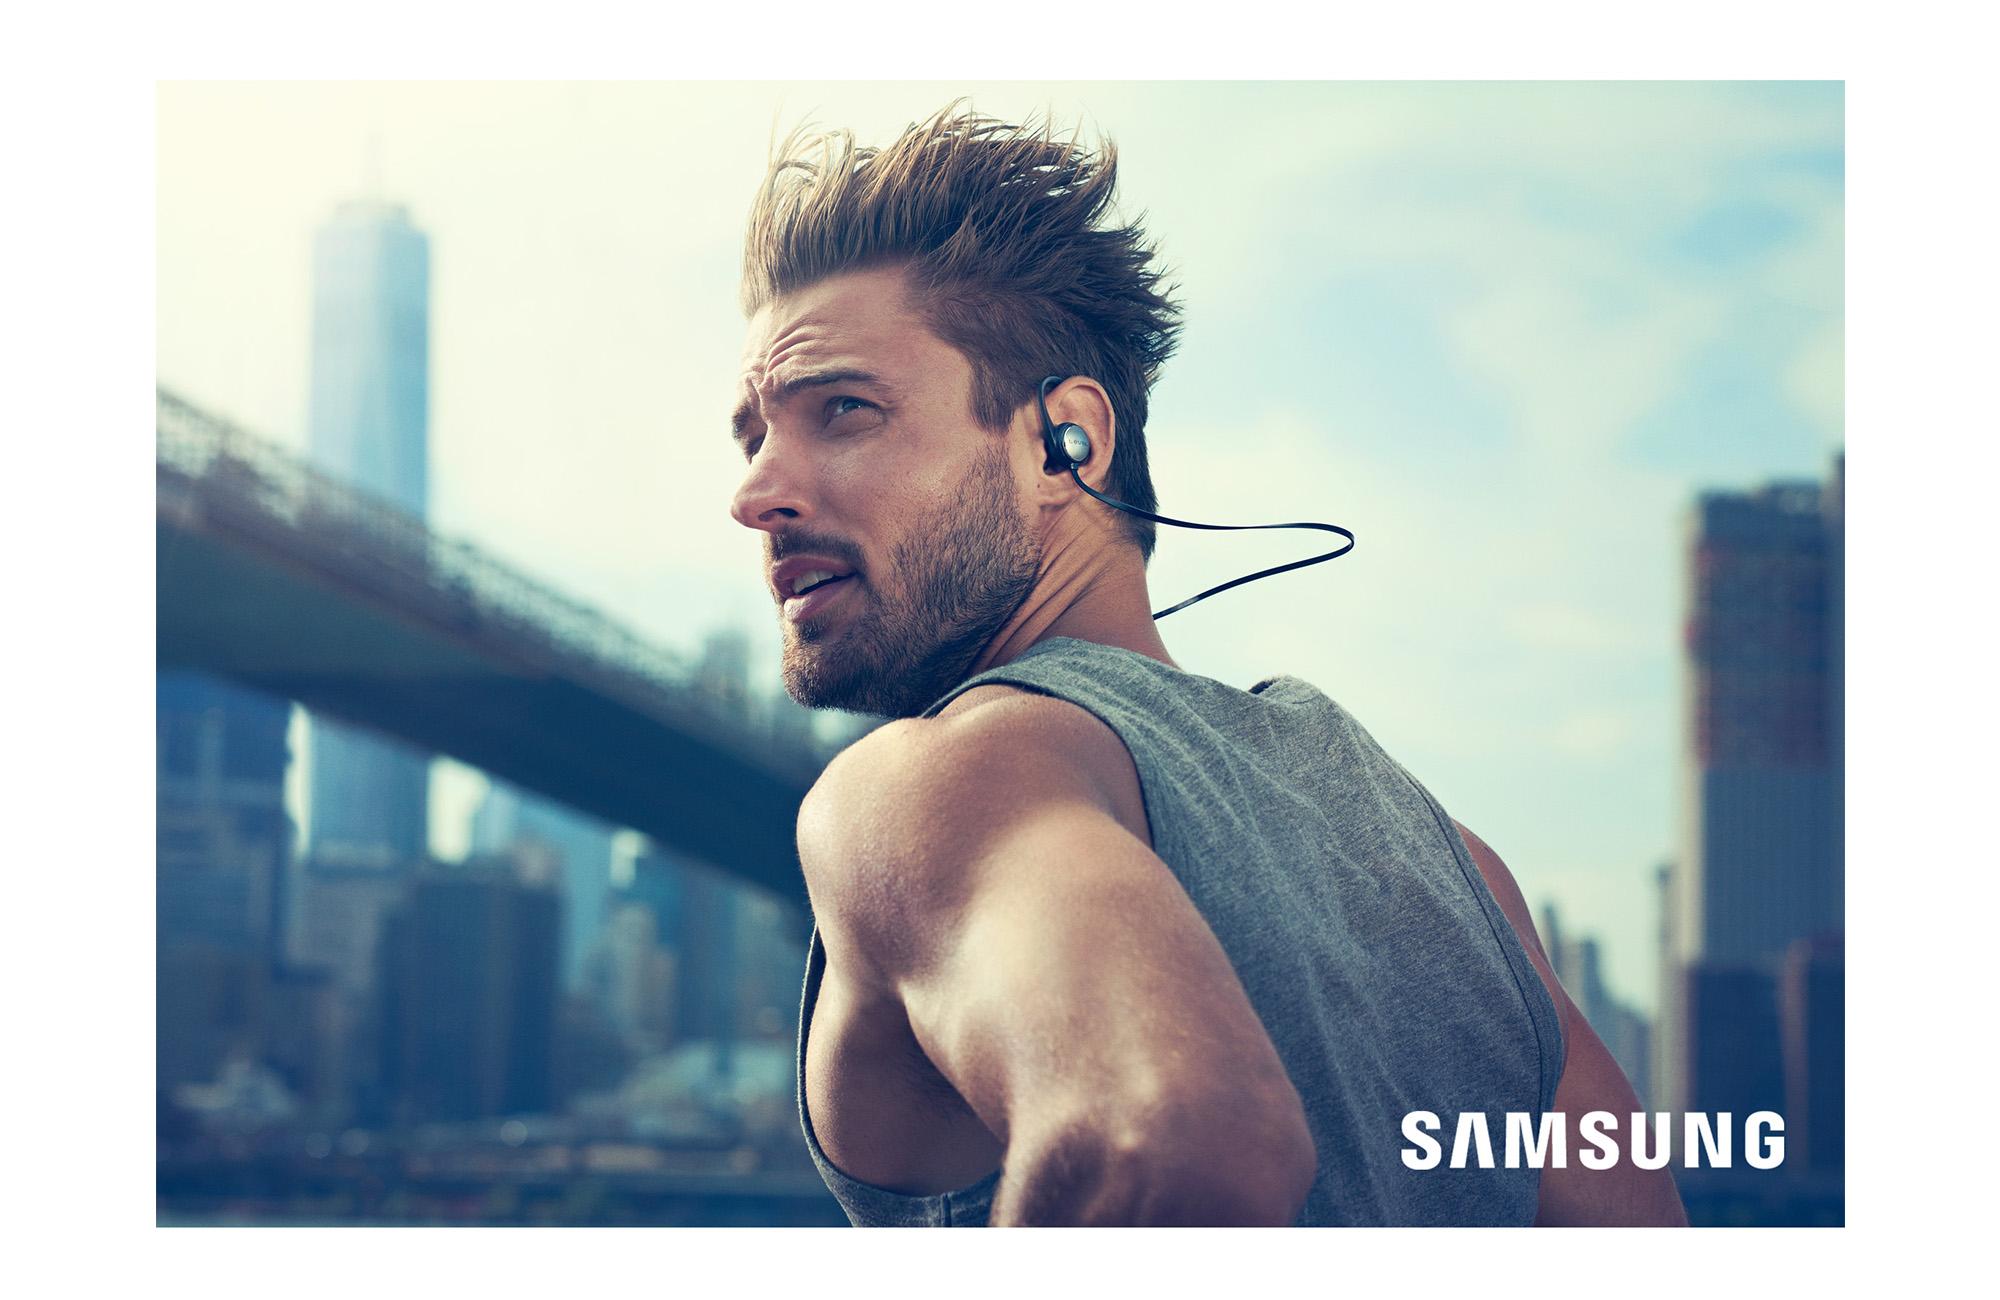 Samsung Upro - 1 of 5